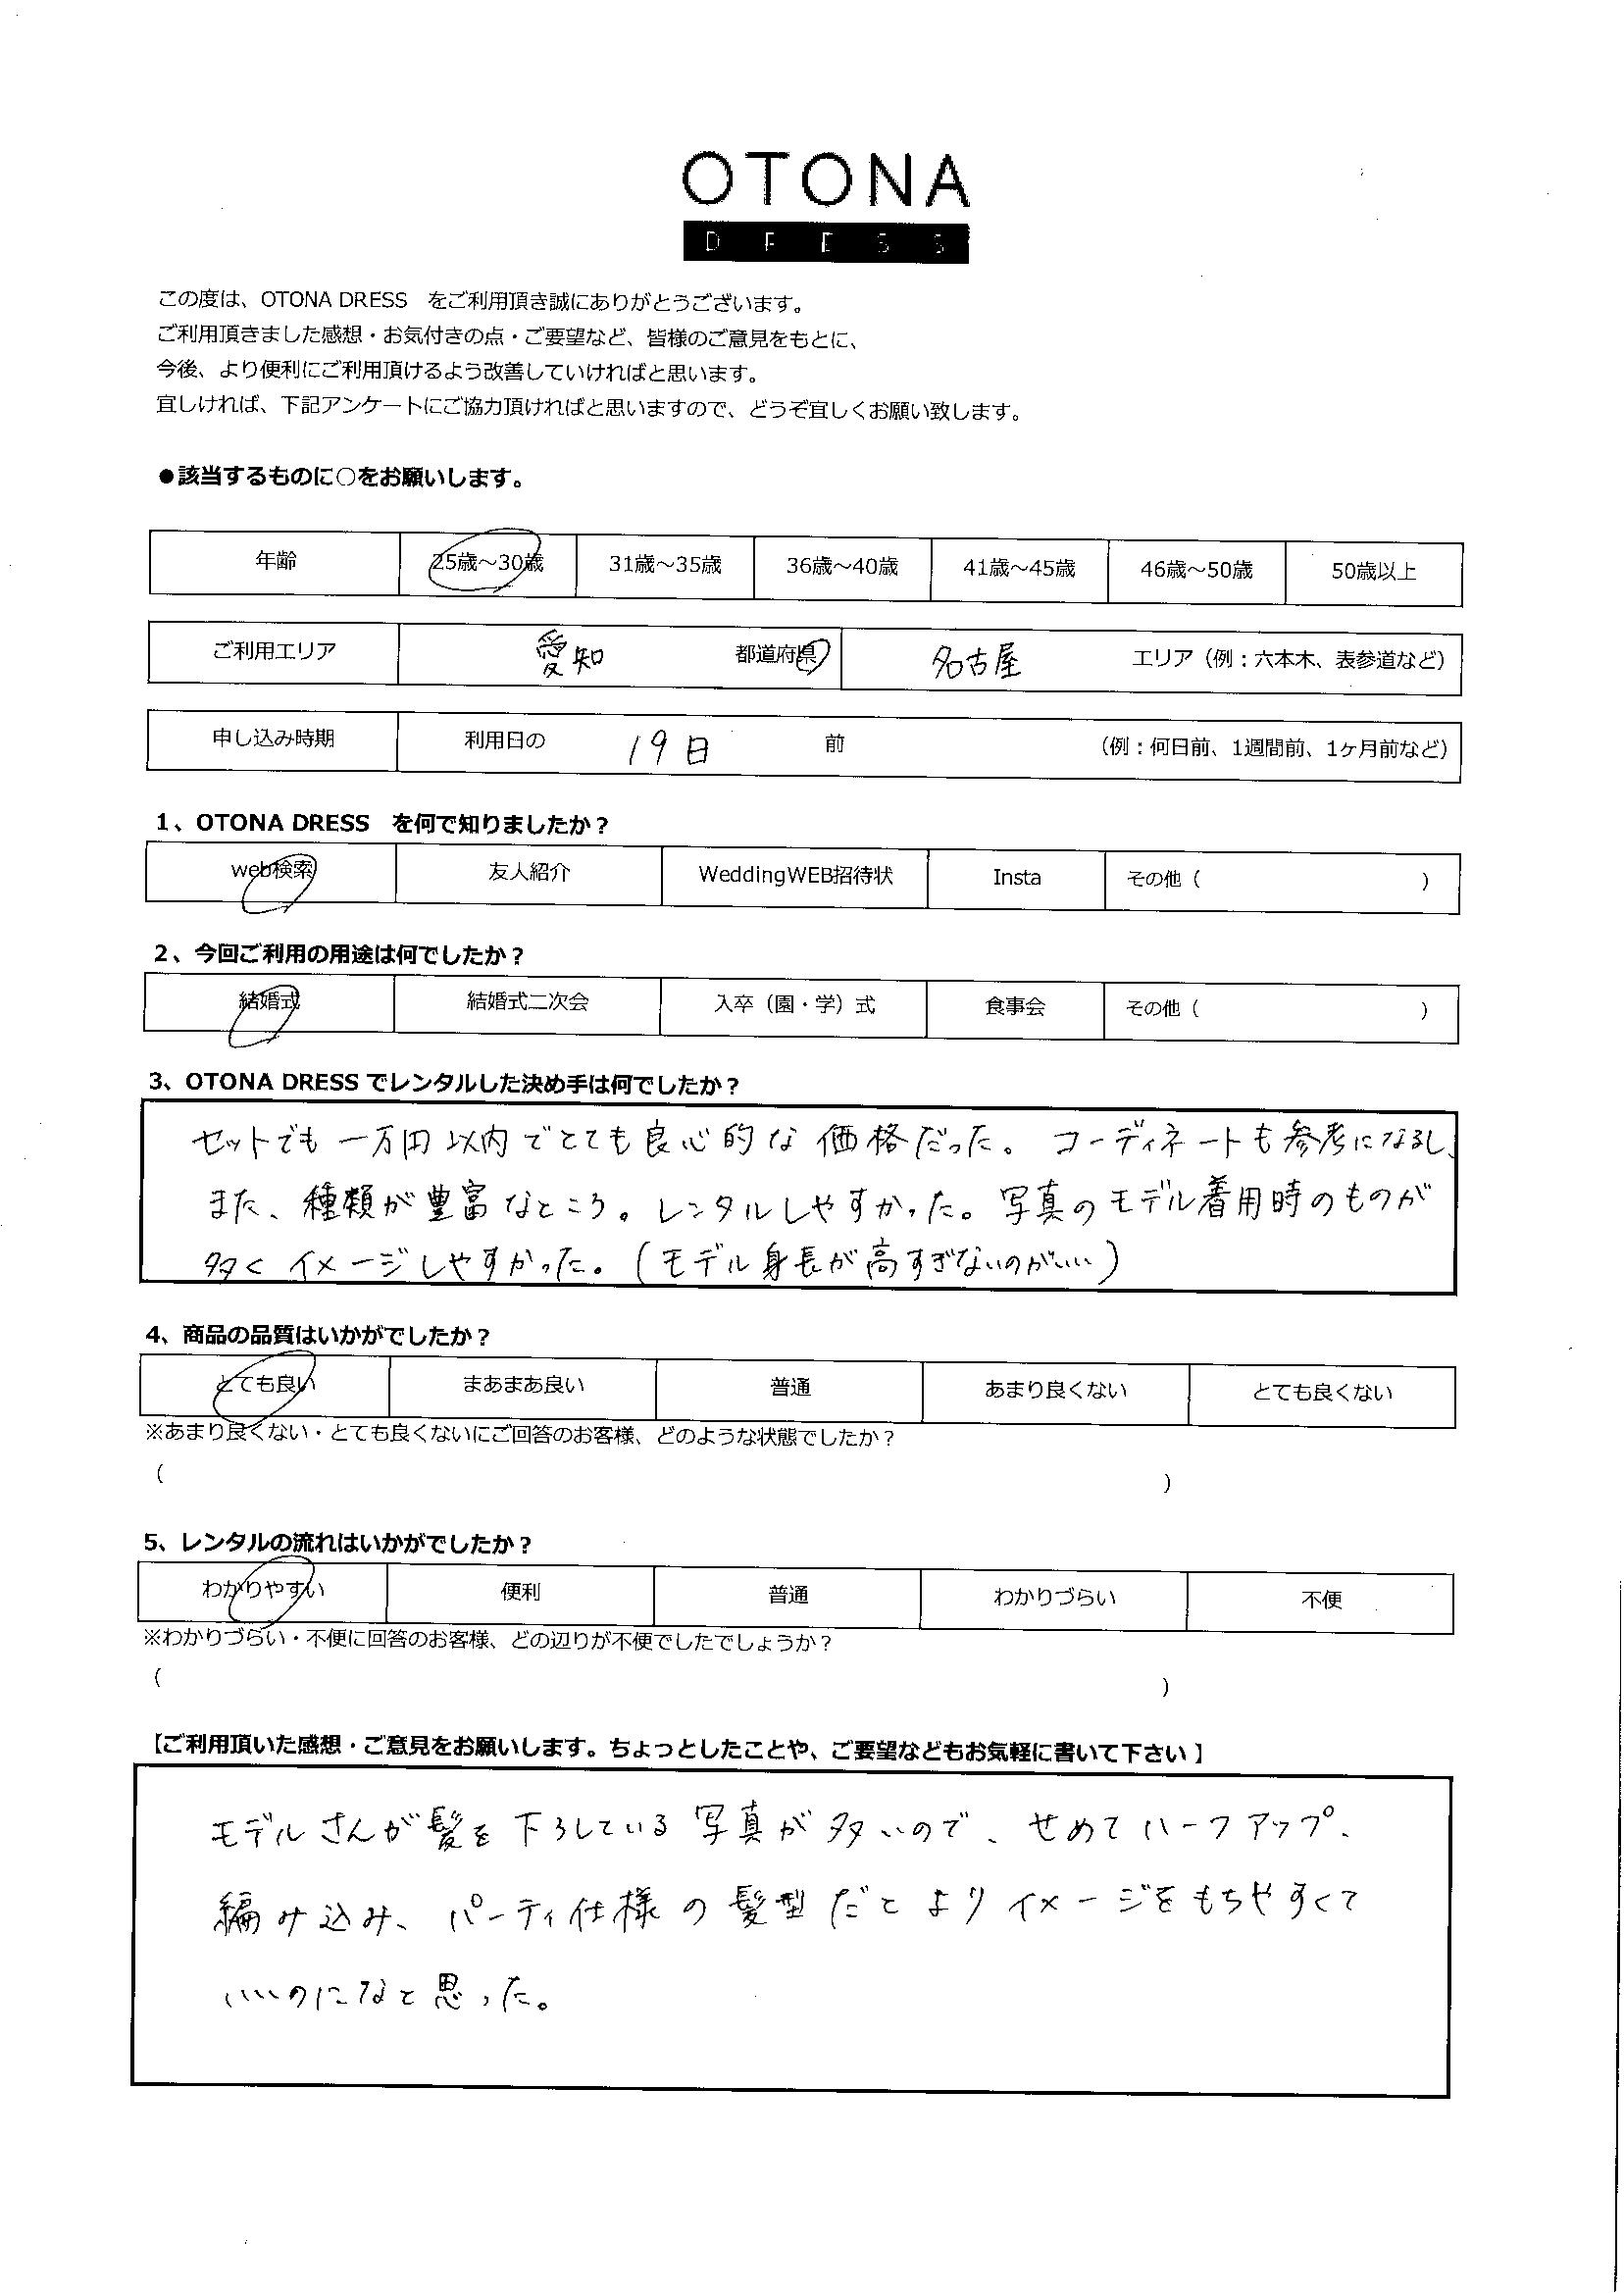 4/24結婚式ご利用 愛知・名古屋エリア